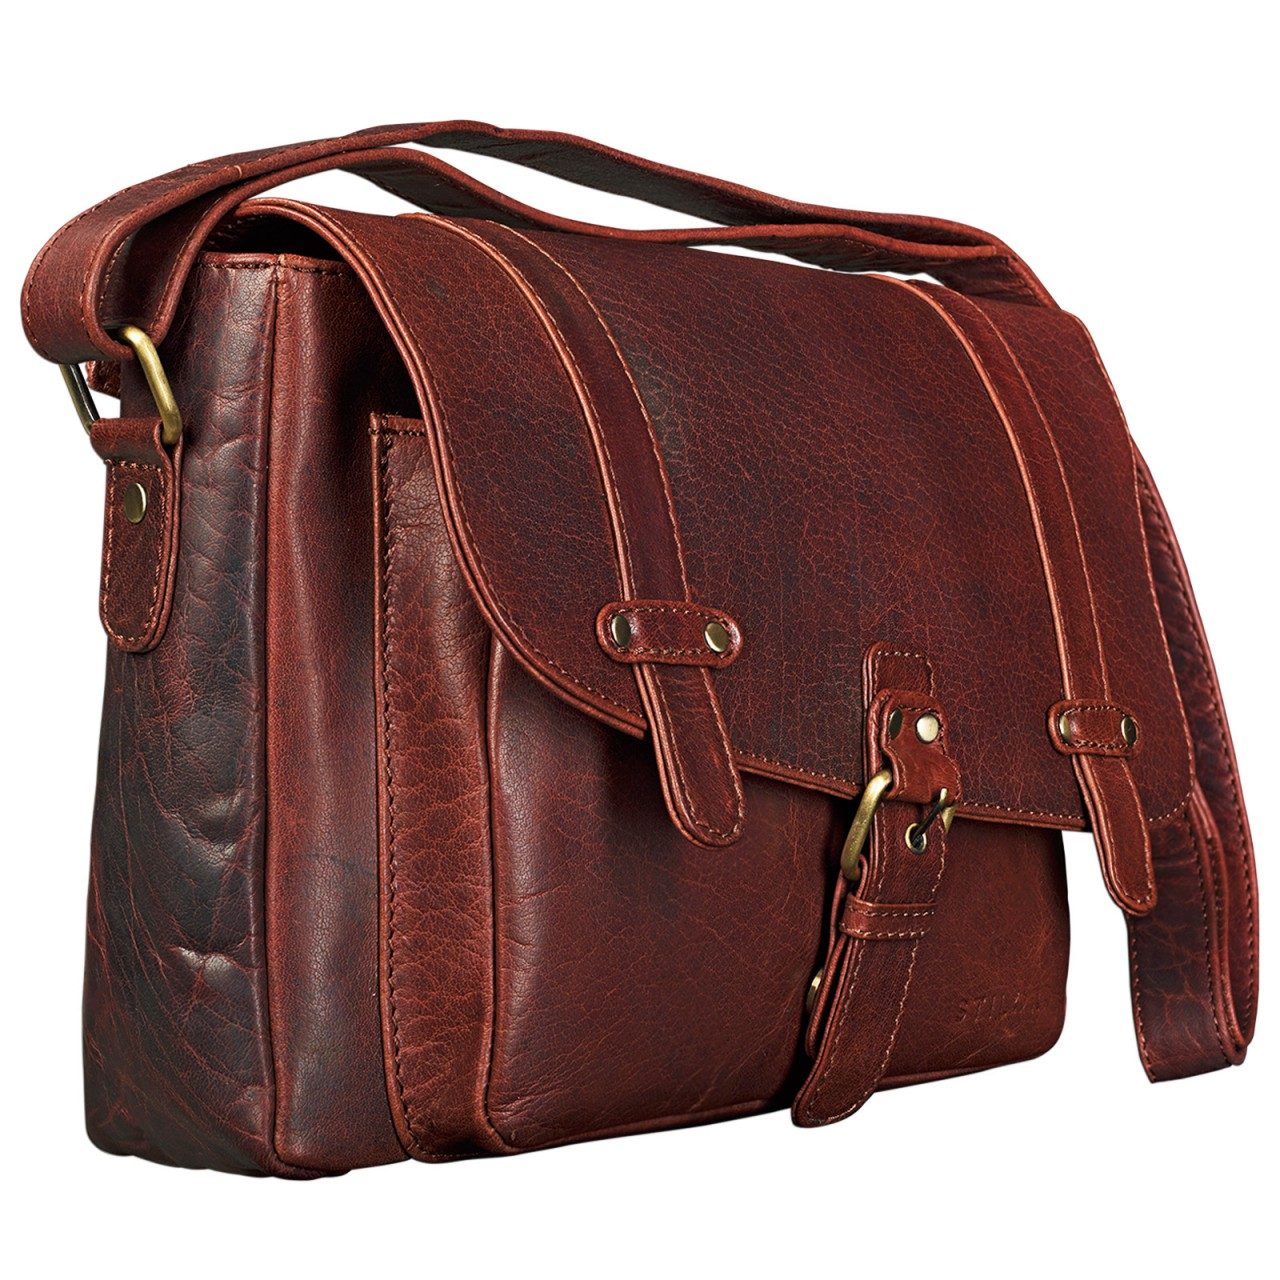 """STILORD """"Lara"""" Vintage Umhängetasche Damen klein Leder Handtasche zum Ausgehen Party Freizeit Umhängetasche Schultertasche 10.1 Zoll Tablettasche echtes Leder - Bild 9"""